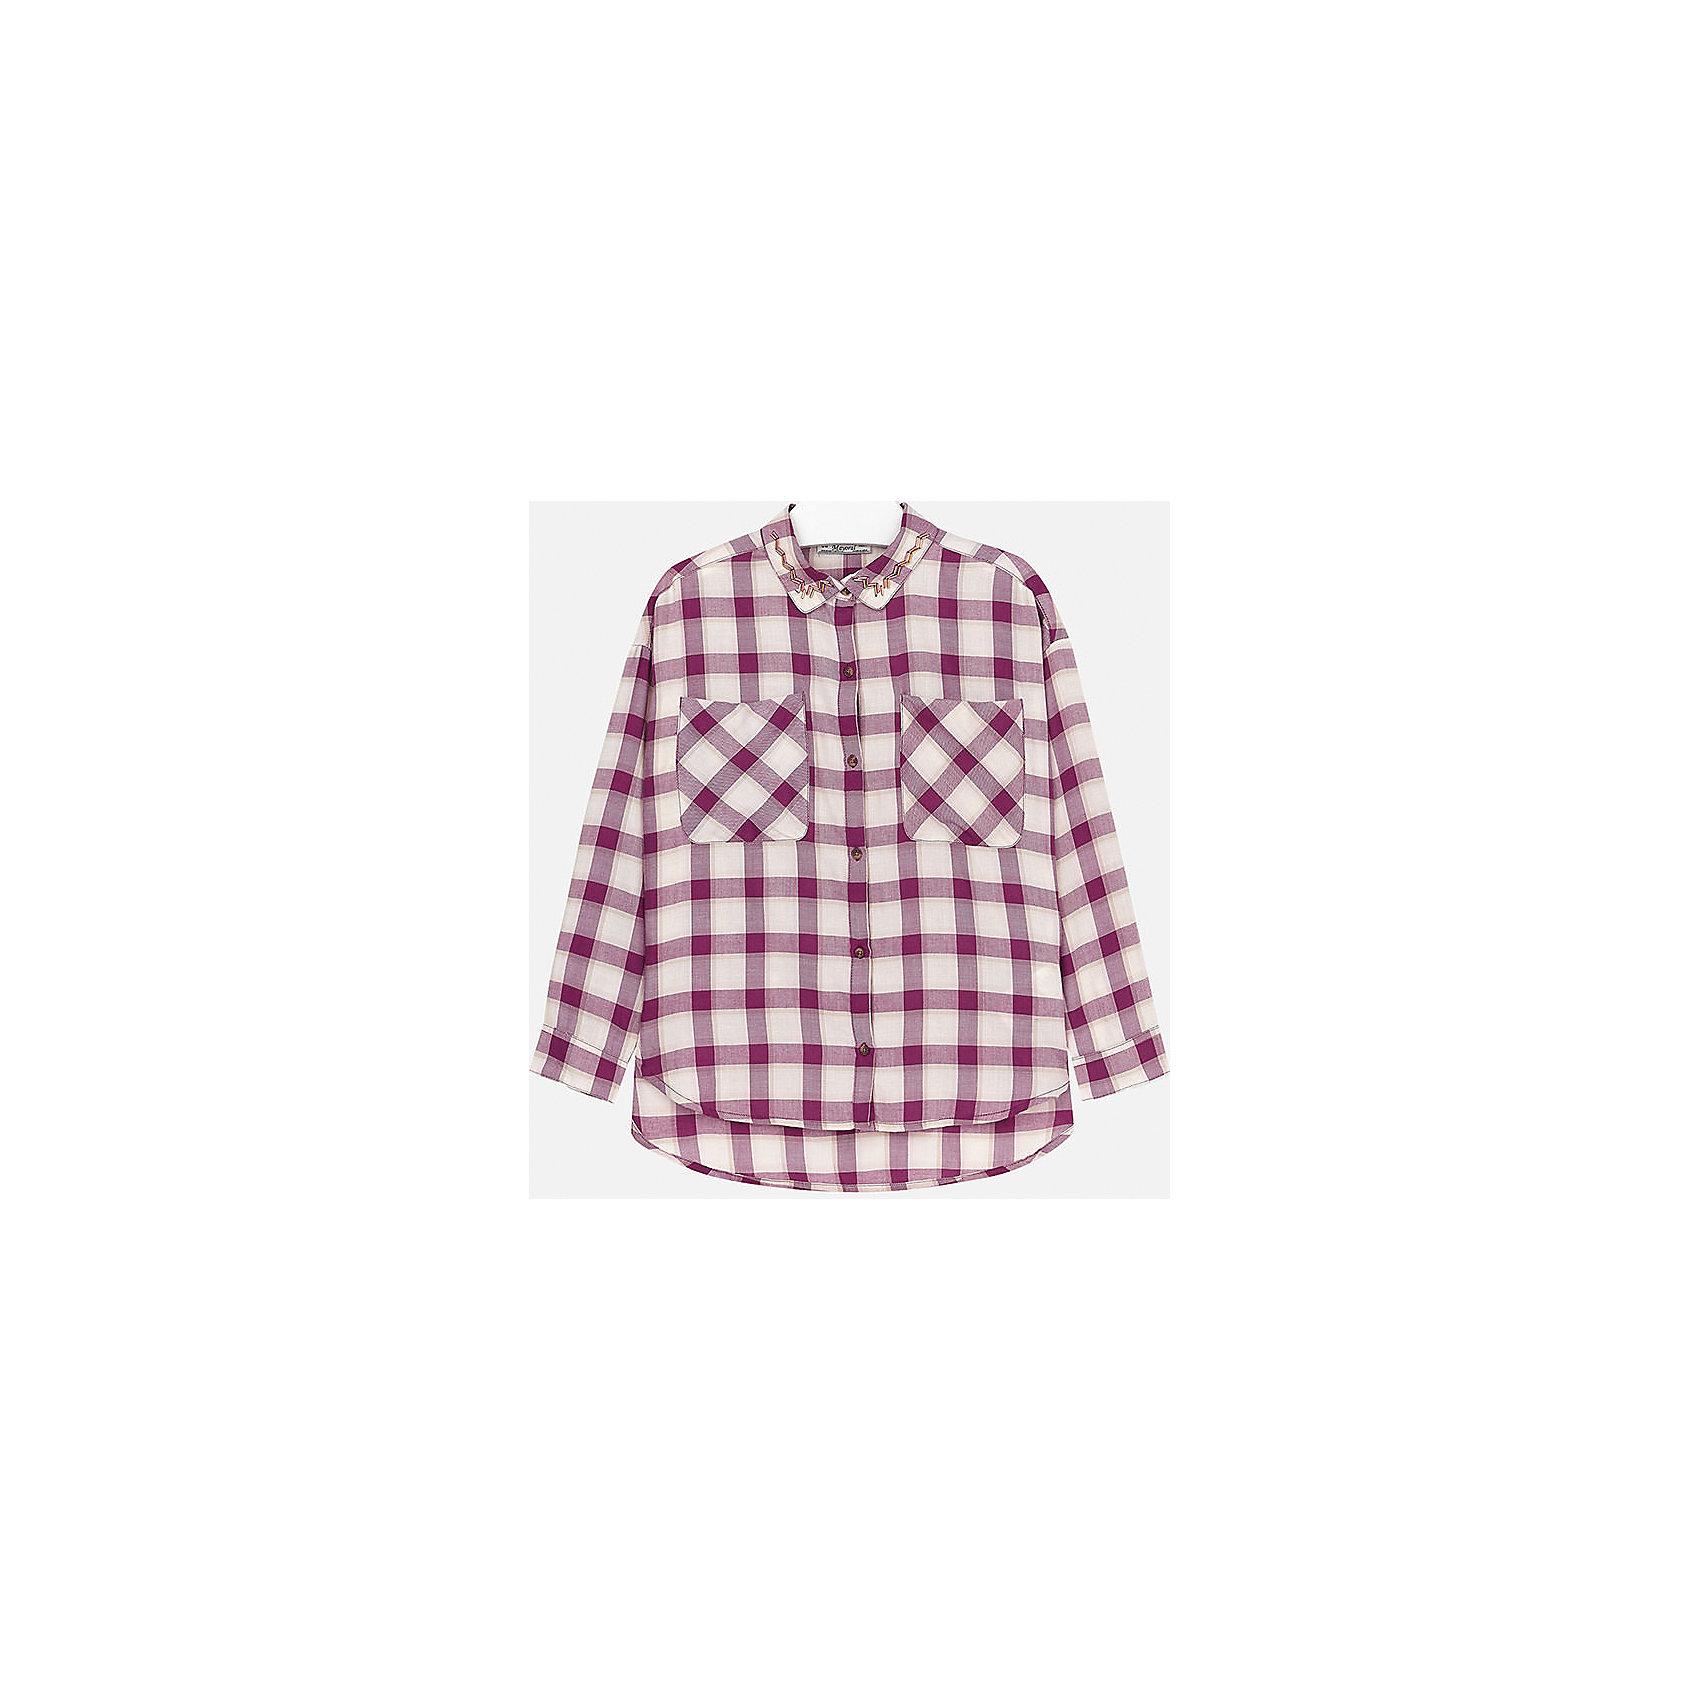 Блузка для девочки MayoralБлузка для девочки от популярного испанского бренда Mayoral(Майорал). Стильная клетчатая блузка имеет два кармана на груди, застегивается на пуговицы и украшена бусинами на воротнике. Хорошо сочетается с брюками и джинсами.<br>Дополнительная информация:<br>-длинные рукава<br>-украшена бусинами<br>-застегивается на пуговицы<br>-цвет: вишневый<br>-состав: 58% хлопок, 42% модал<br>Блузку Mayoral(Майорал) вы можете приобрести в нашем интернет-магазине.<br><br>Ширина мм: 186<br>Глубина мм: 87<br>Высота мм: 198<br>Вес г: 197<br>Цвет: розовый<br>Возраст от месяцев: 144<br>Возраст до месяцев: 156<br>Пол: Женский<br>Возраст: Детский<br>Размер: 152/158,158/164,128/134,134/140,164/170,146/152<br>SKU: 4847103